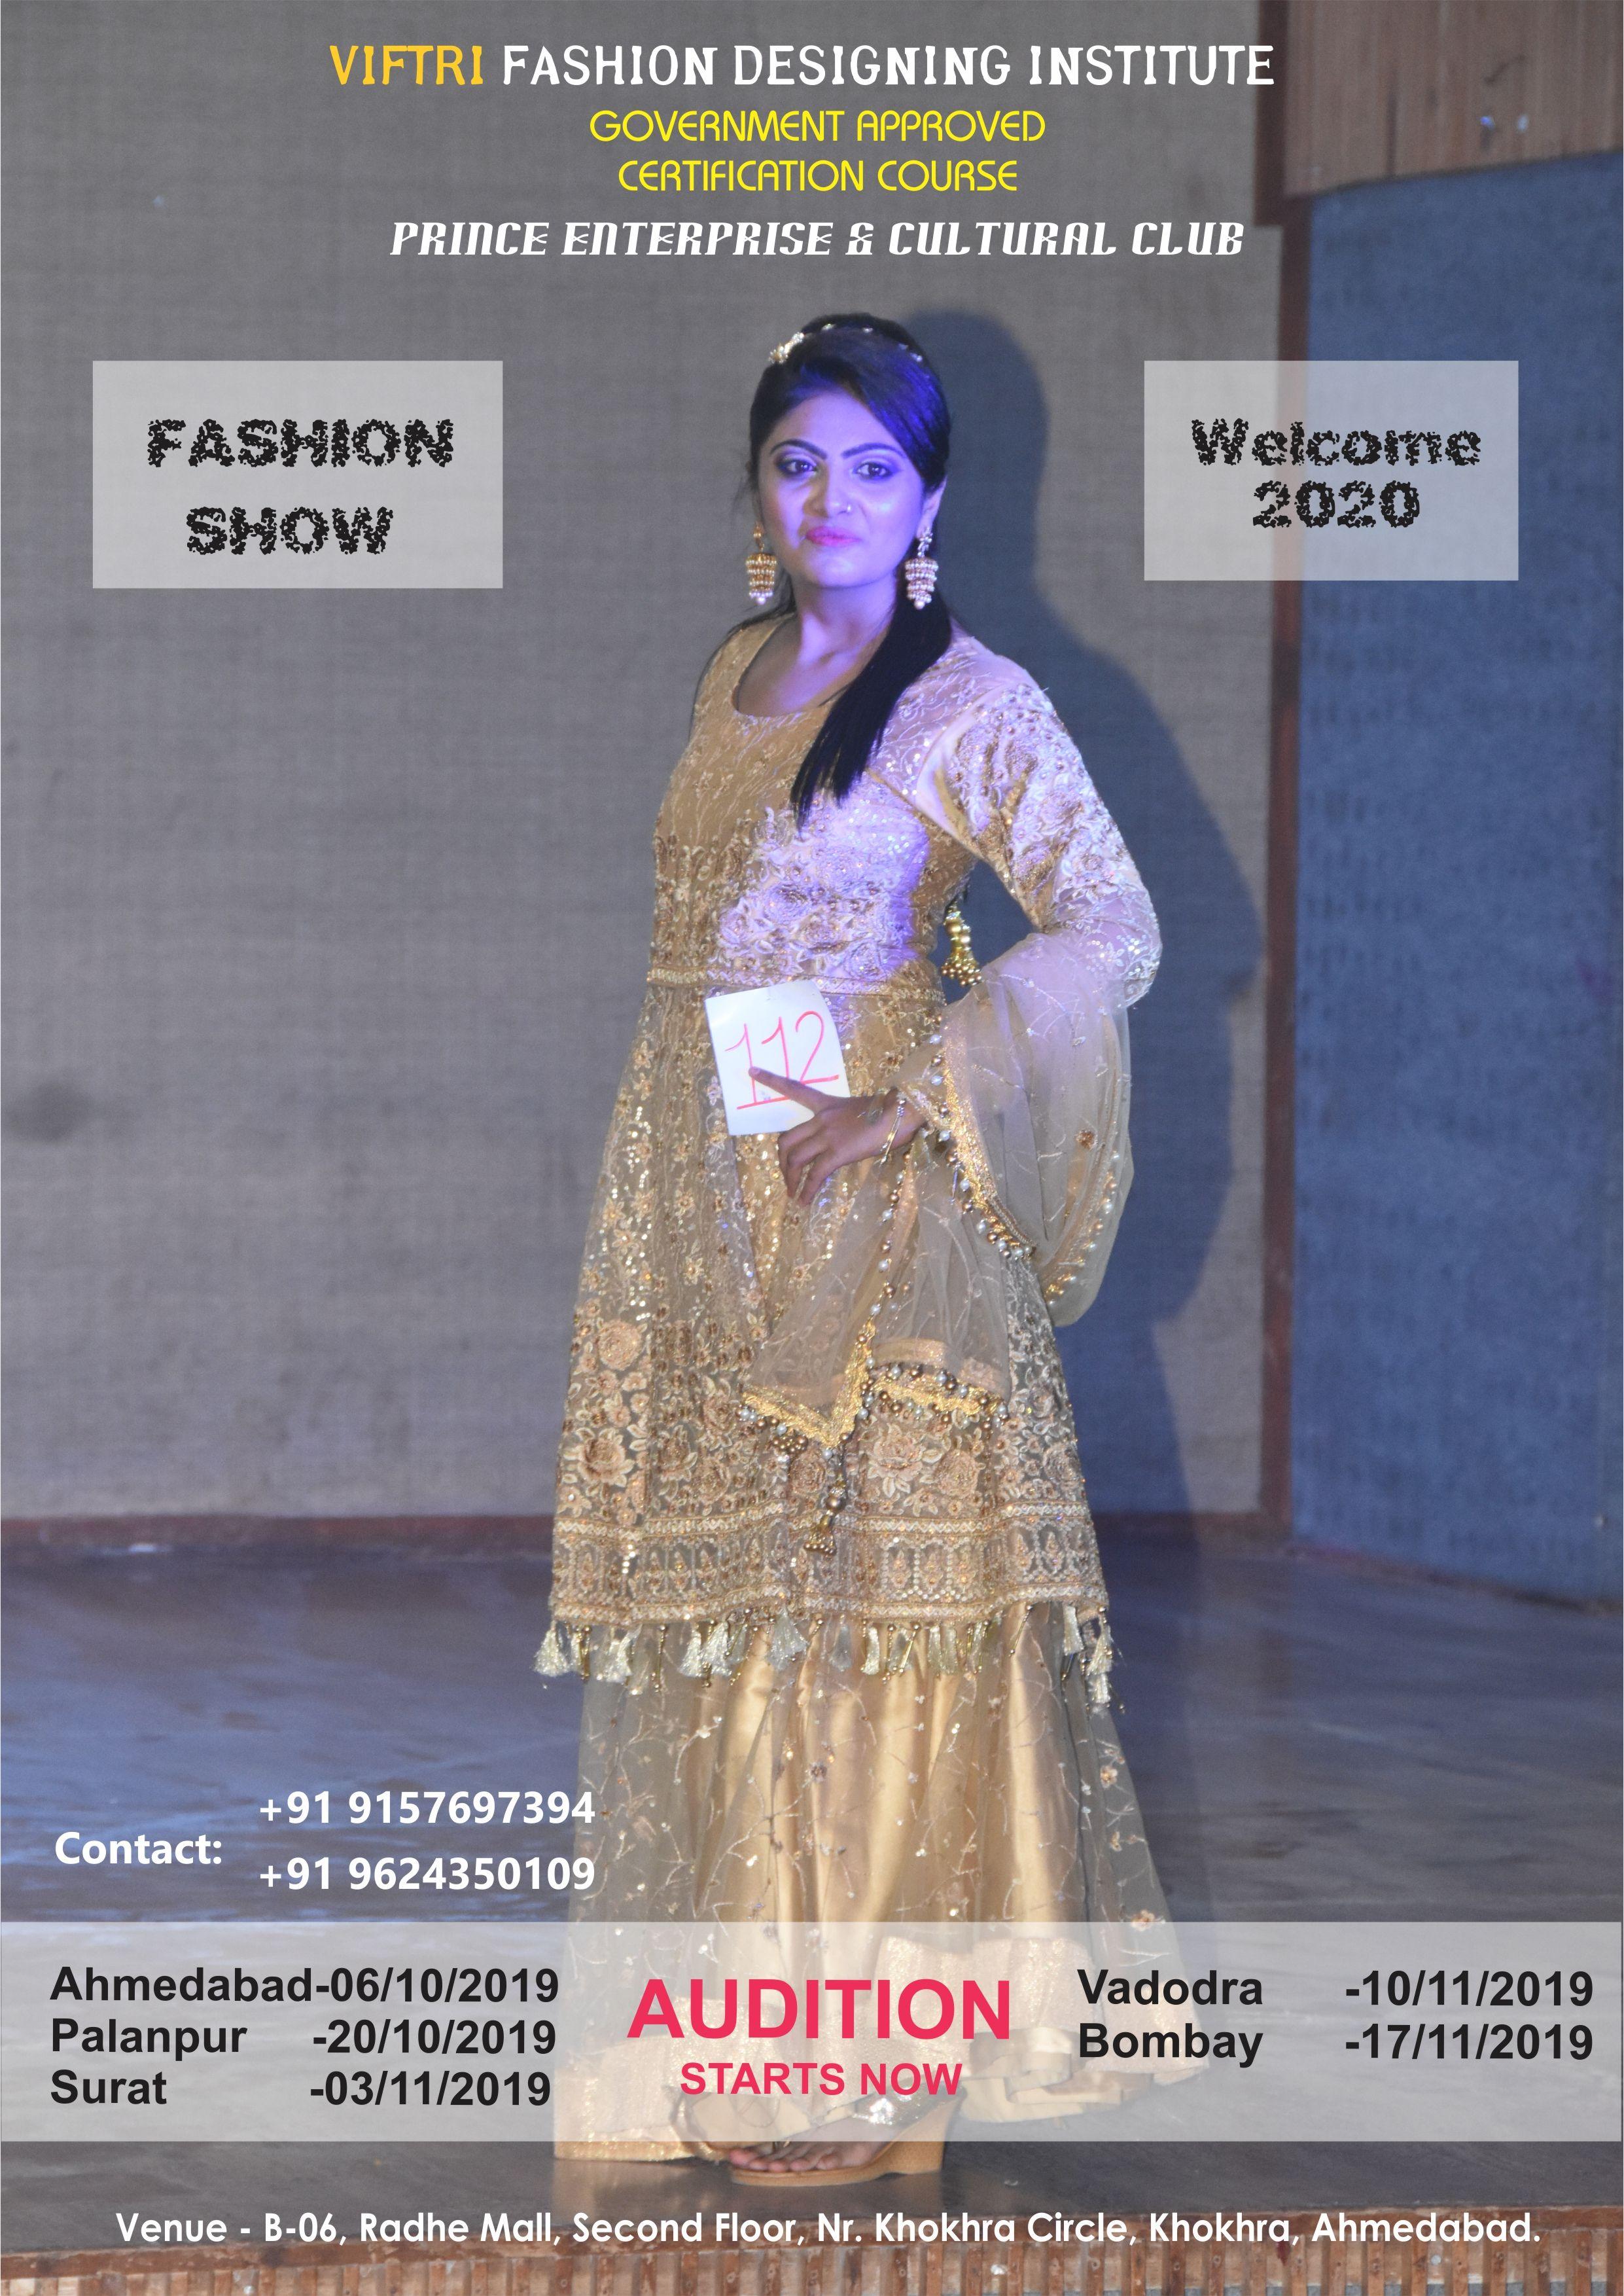 Prince Cultural Club Viftri Fashion Designing Institute Present S Fashion Show 2019 Multi Fashion Designing Institute Fashion Design Formal Dresses Long